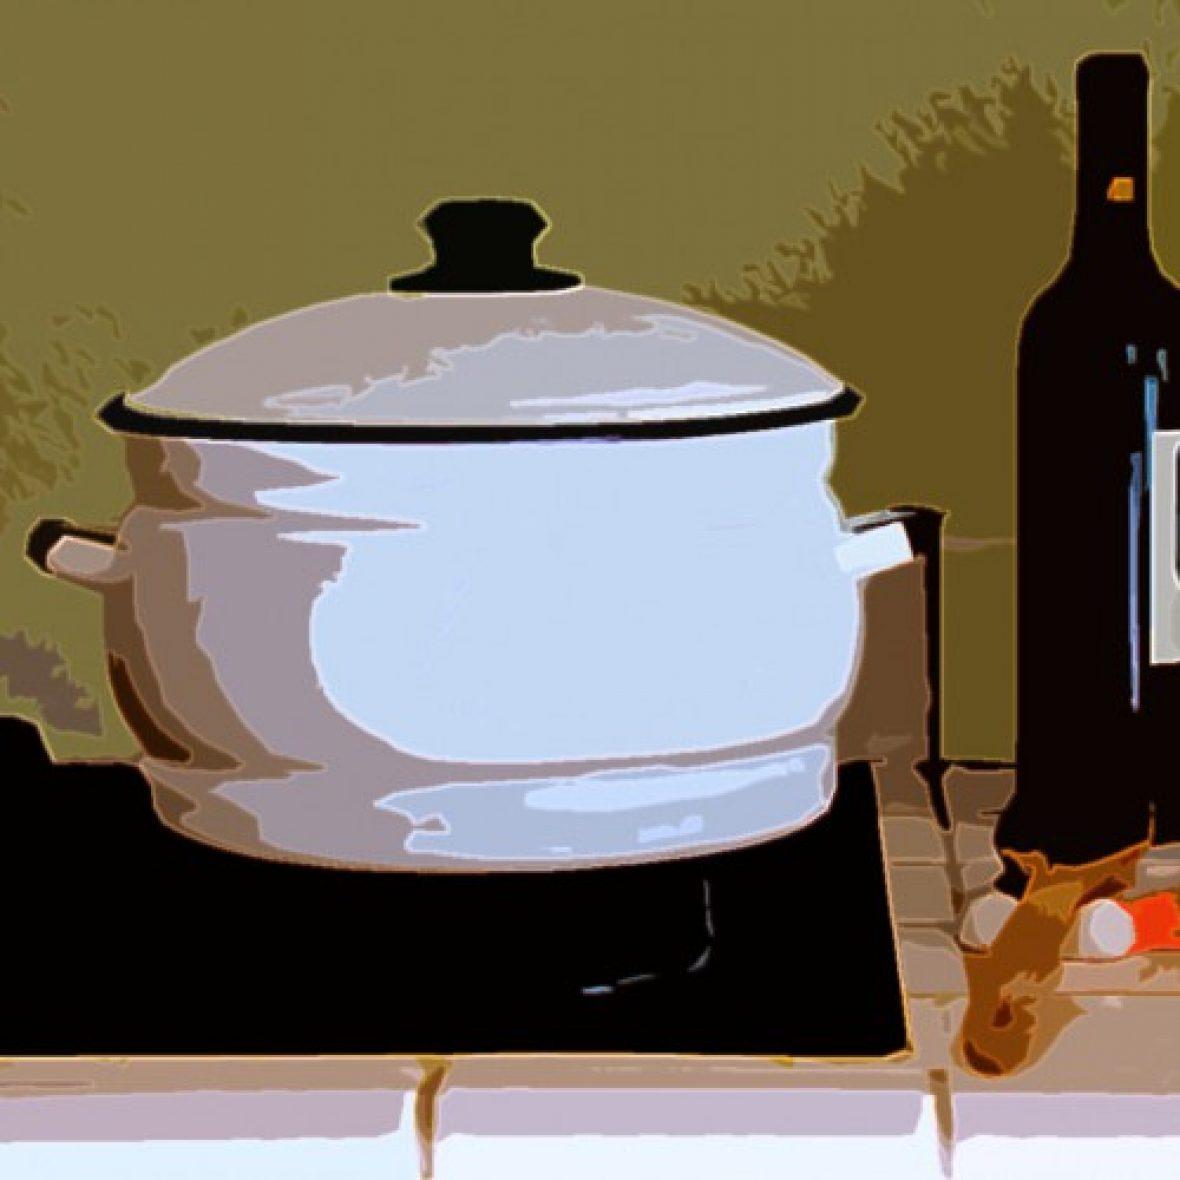 The White Pot